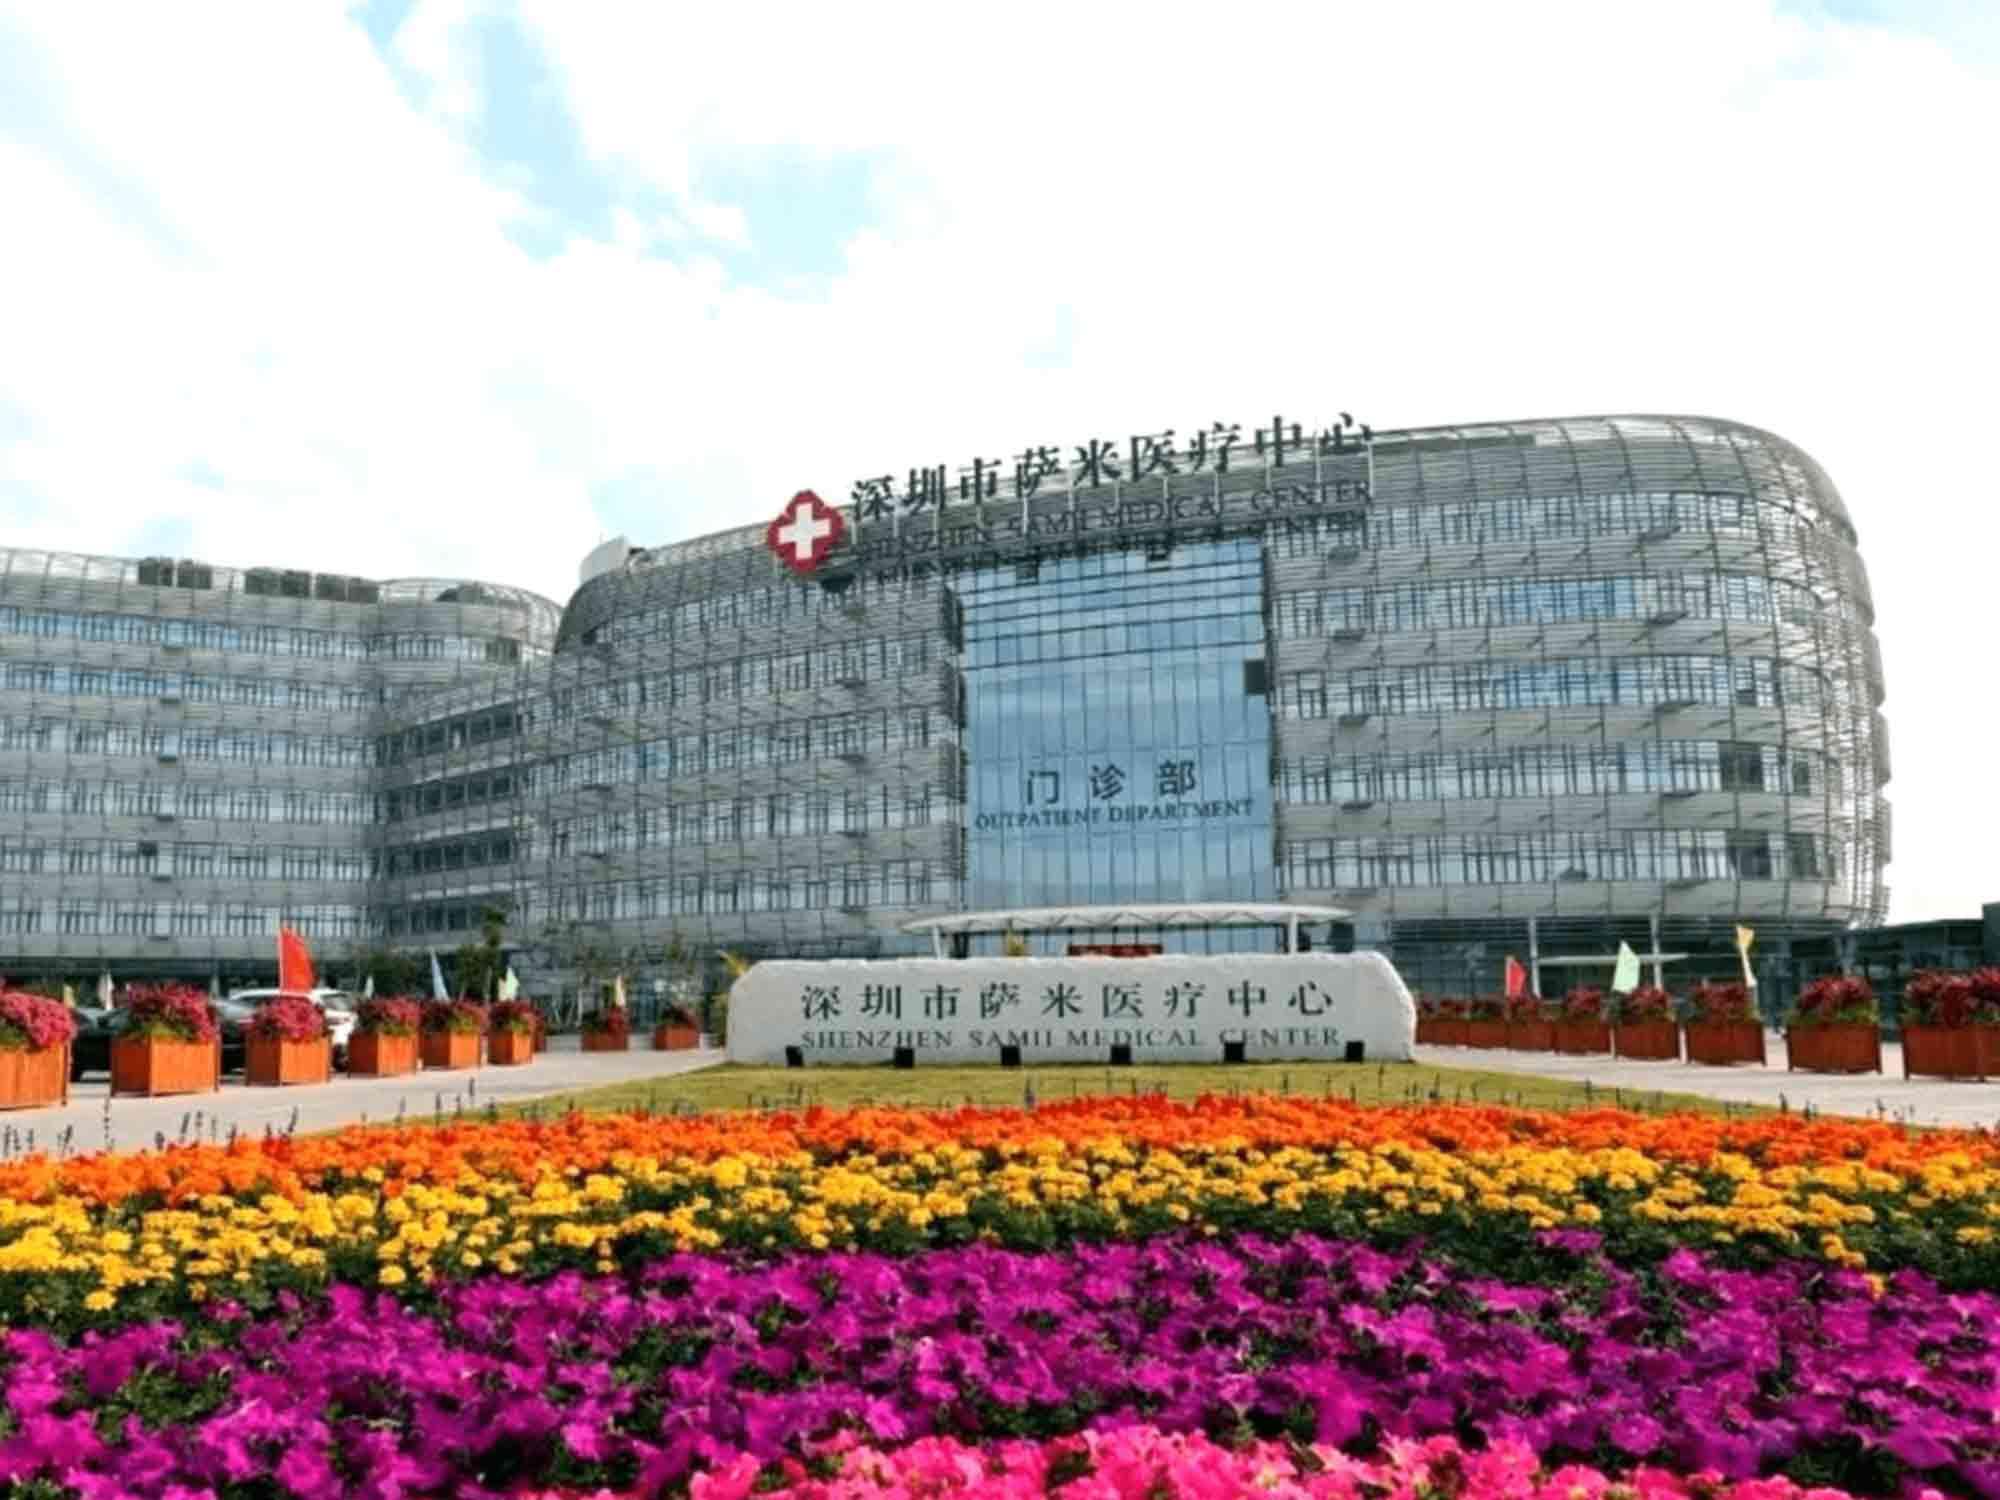 深圳市萨米医疗中心